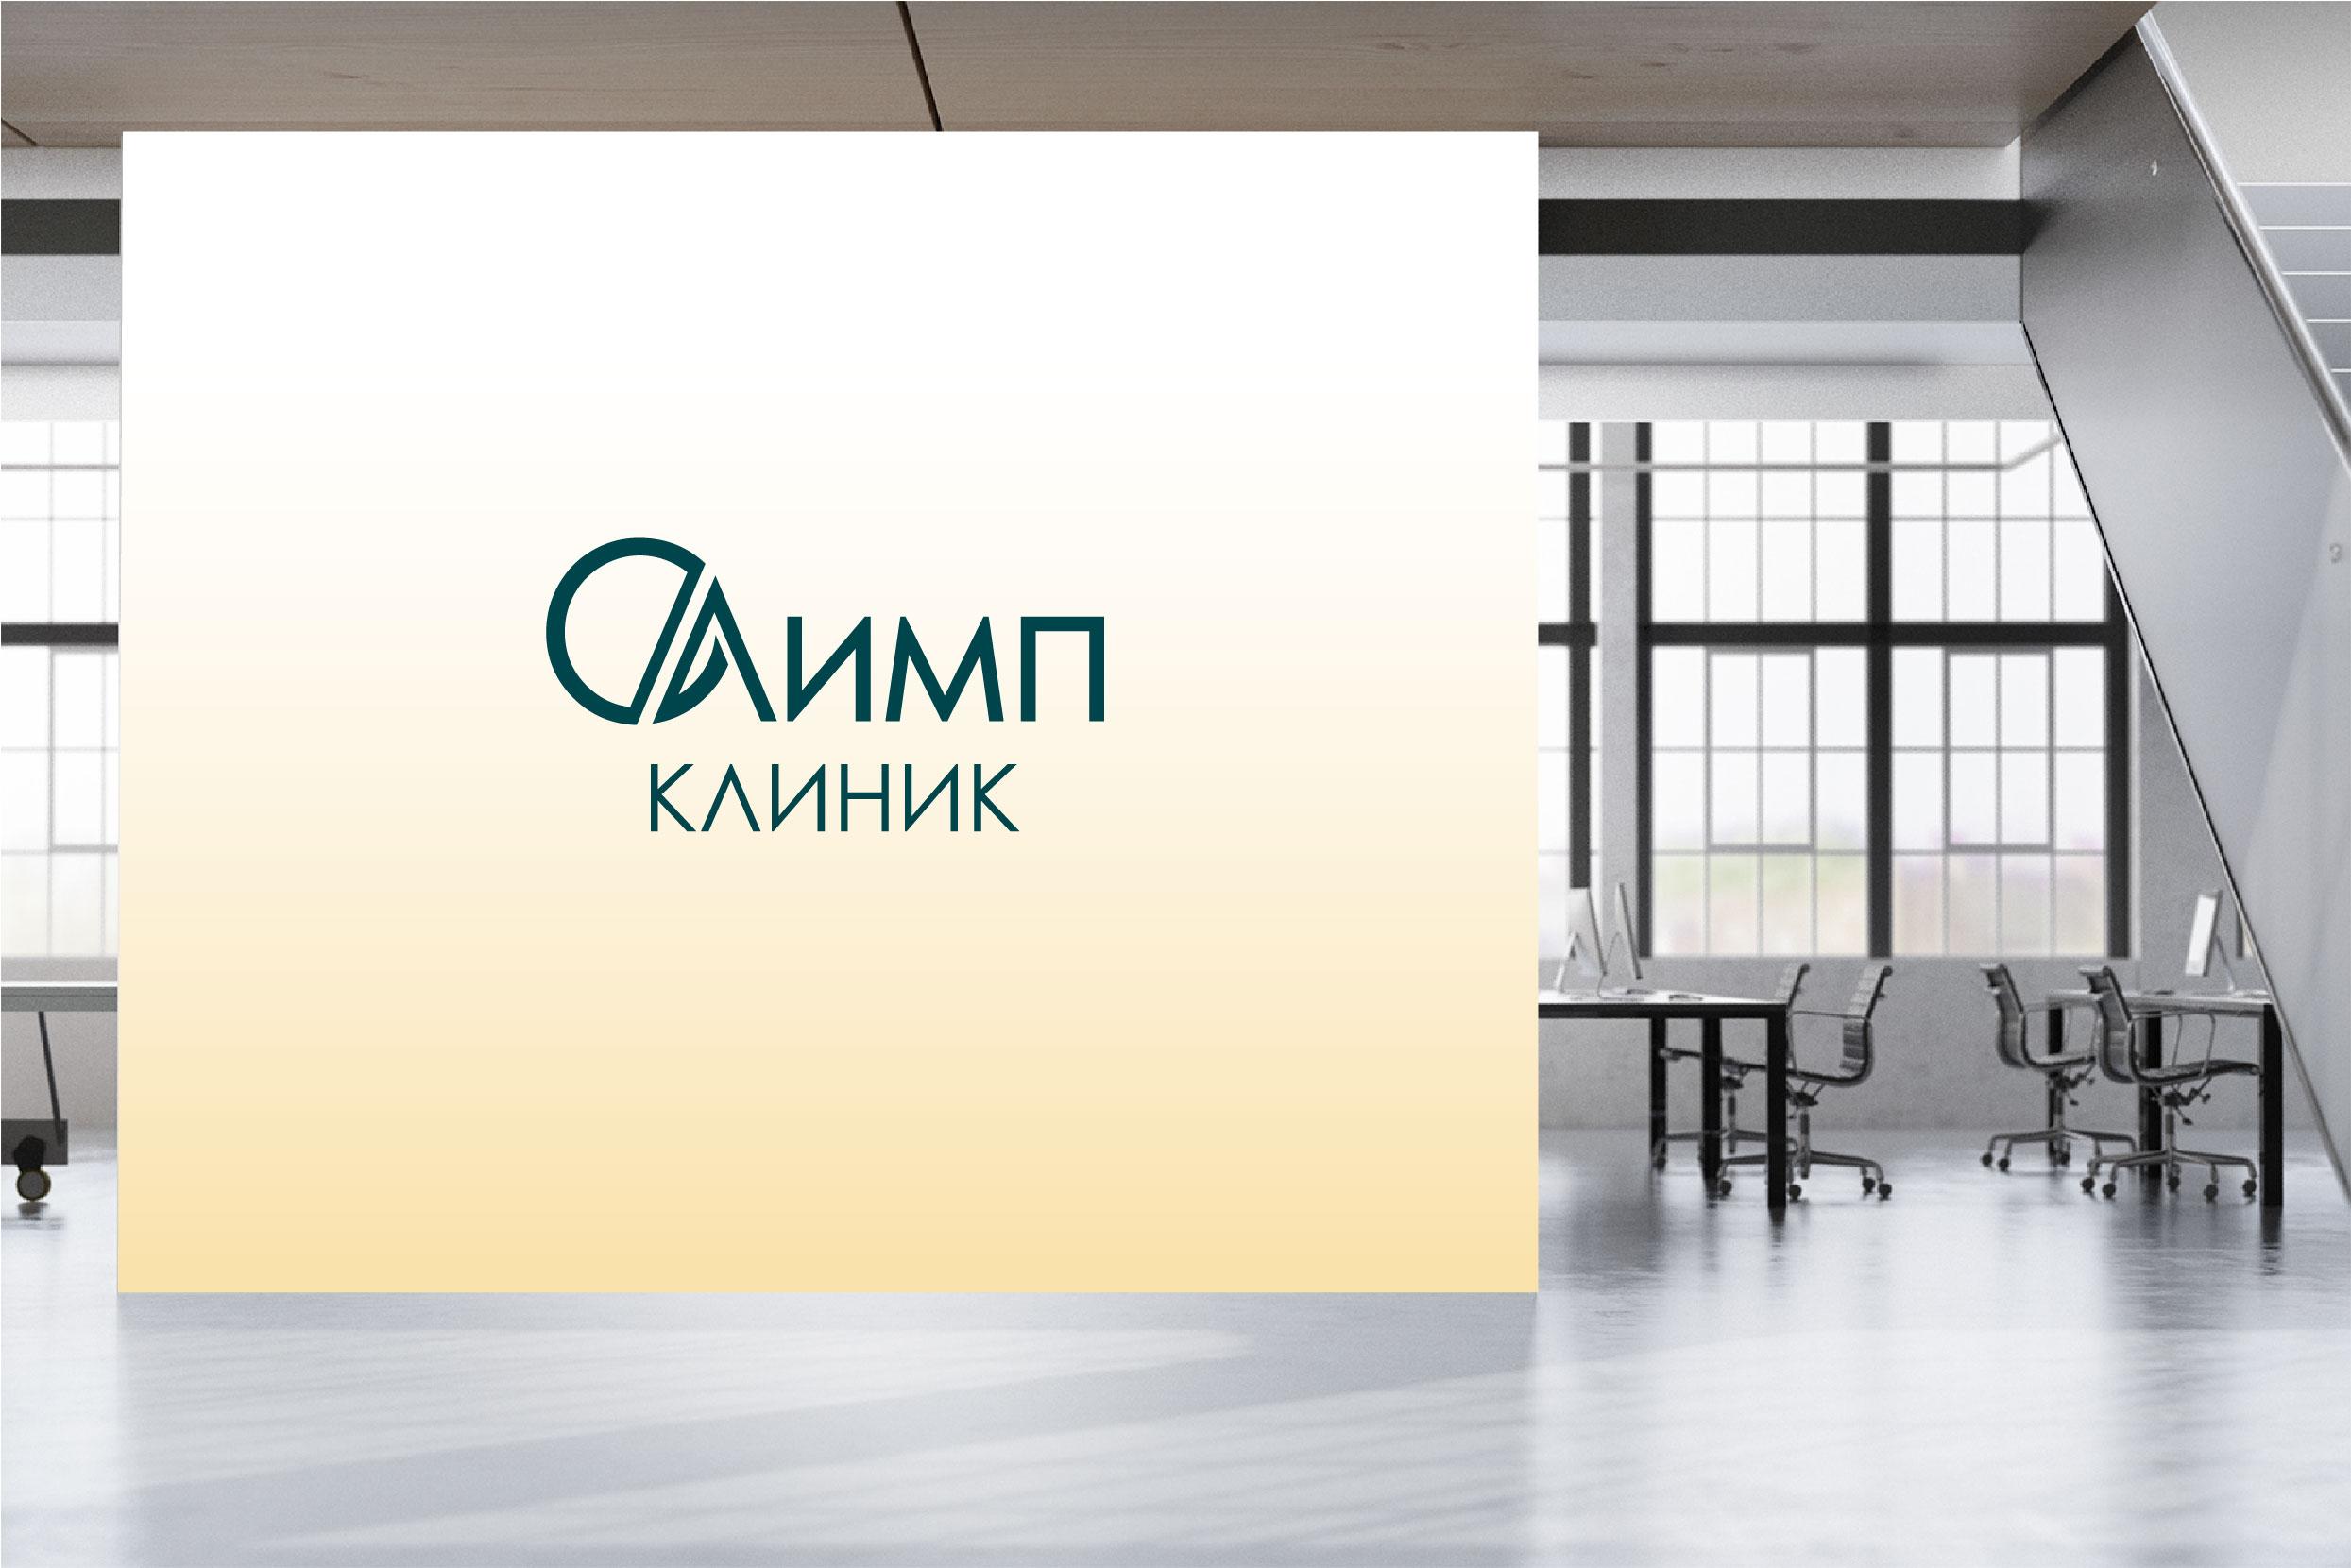 Разработка логотипа и впоследствии фирменного стиля фото f_6985f2473d19a1e6.jpg